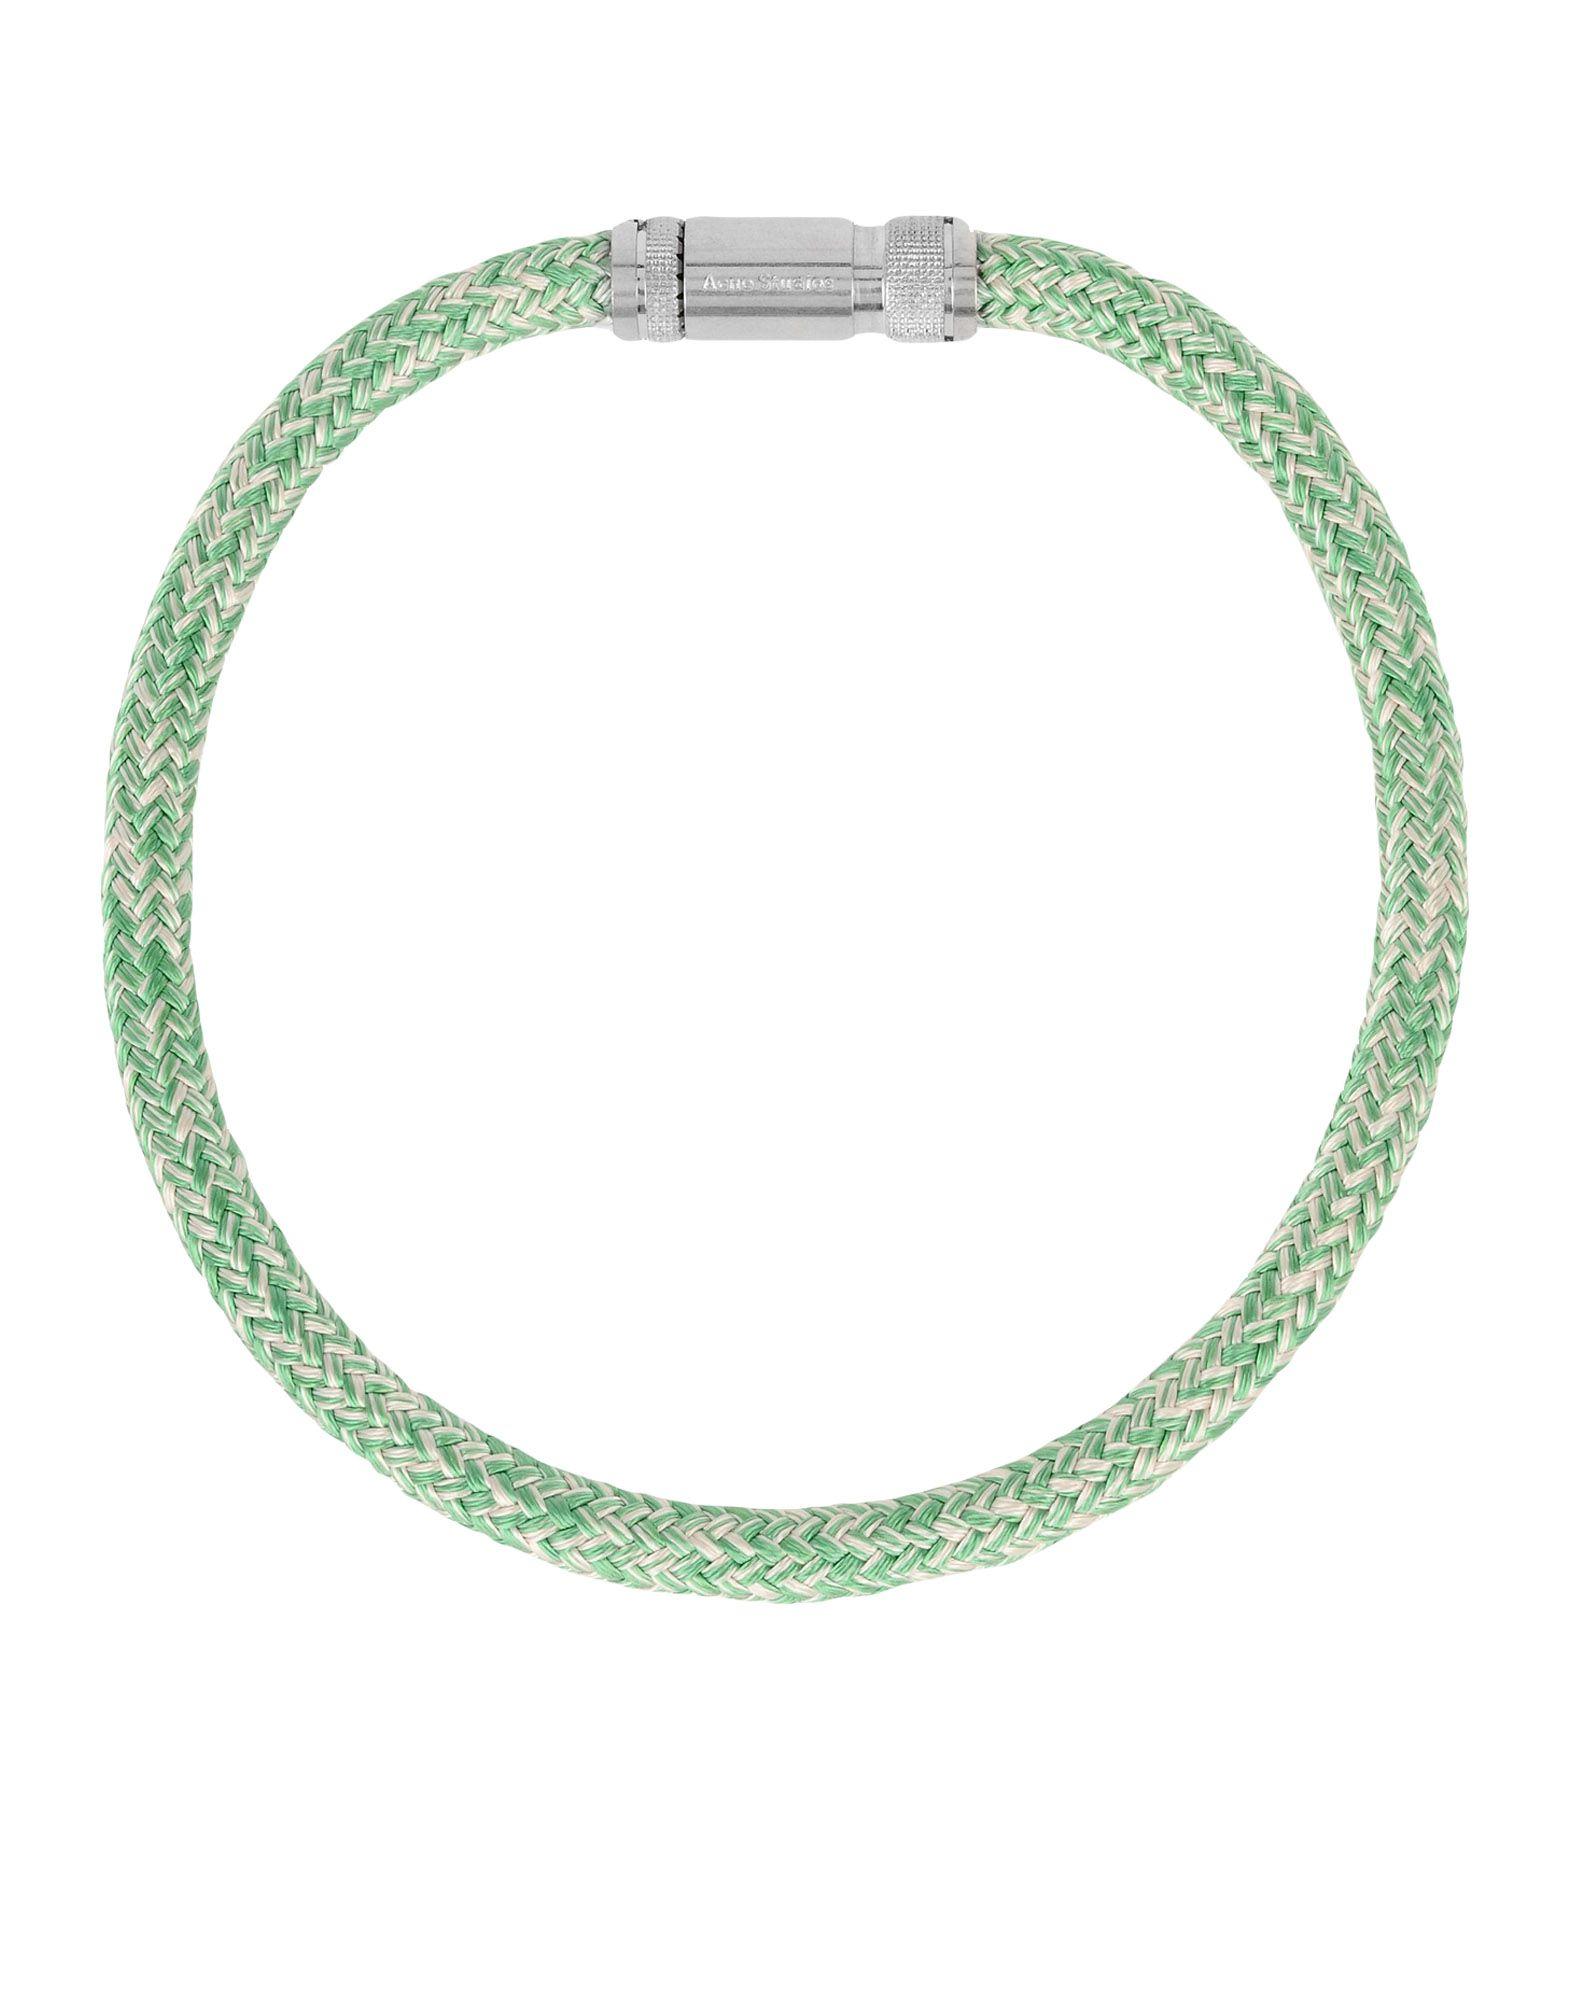 《送料無料》ACNE STUDIOS レディース ネックレス ライトグリーン 紡績繊維